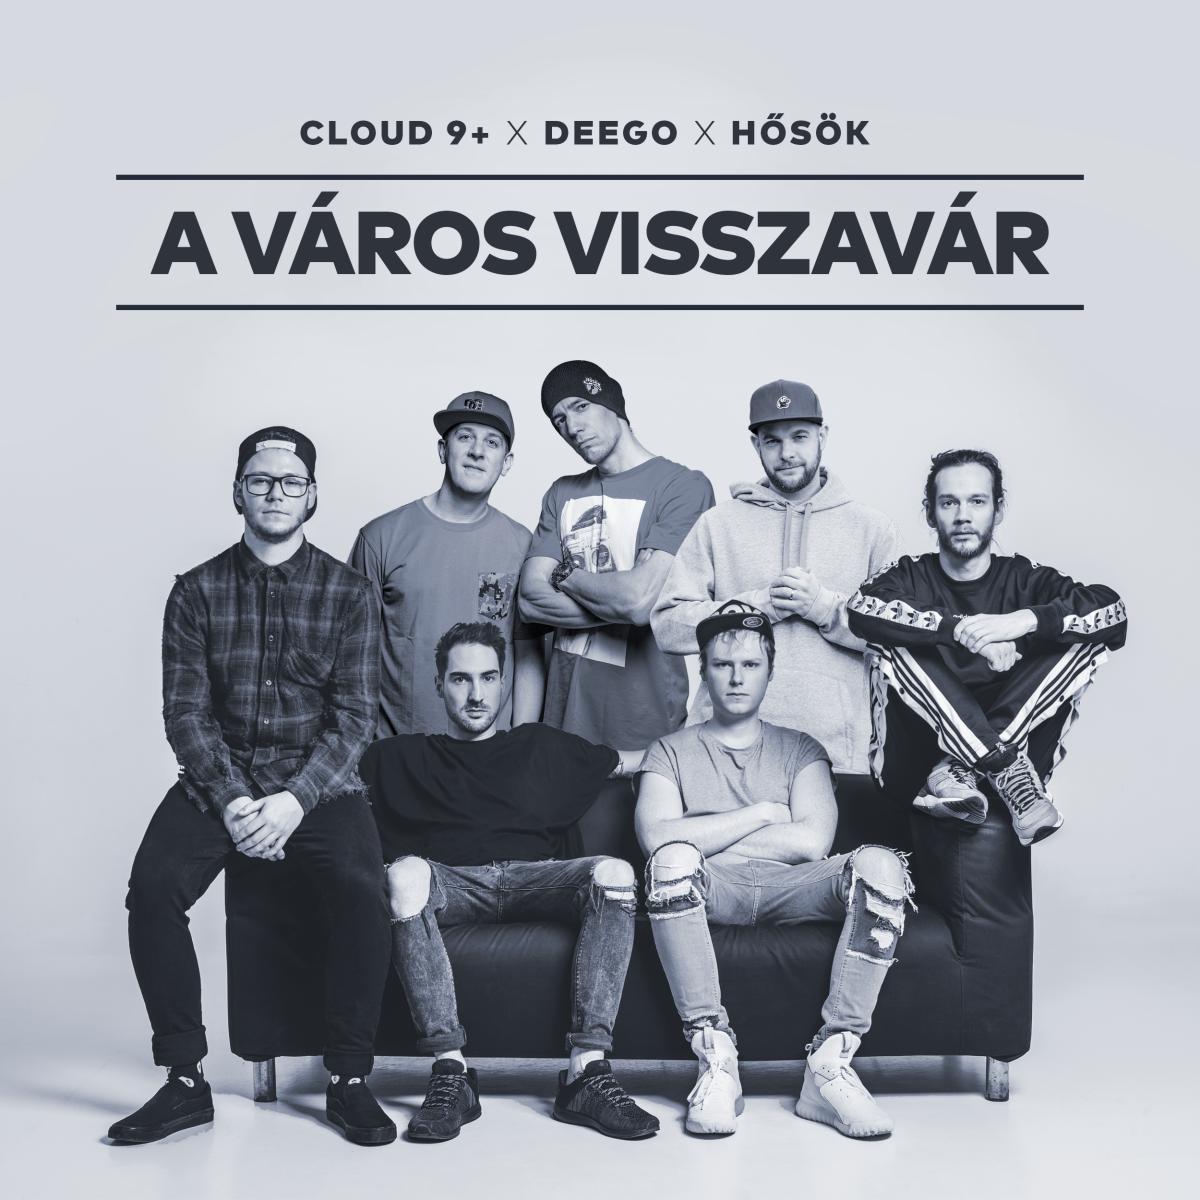 Újabb magyar nyelvű dallal jelentkezett a Cloud 9+